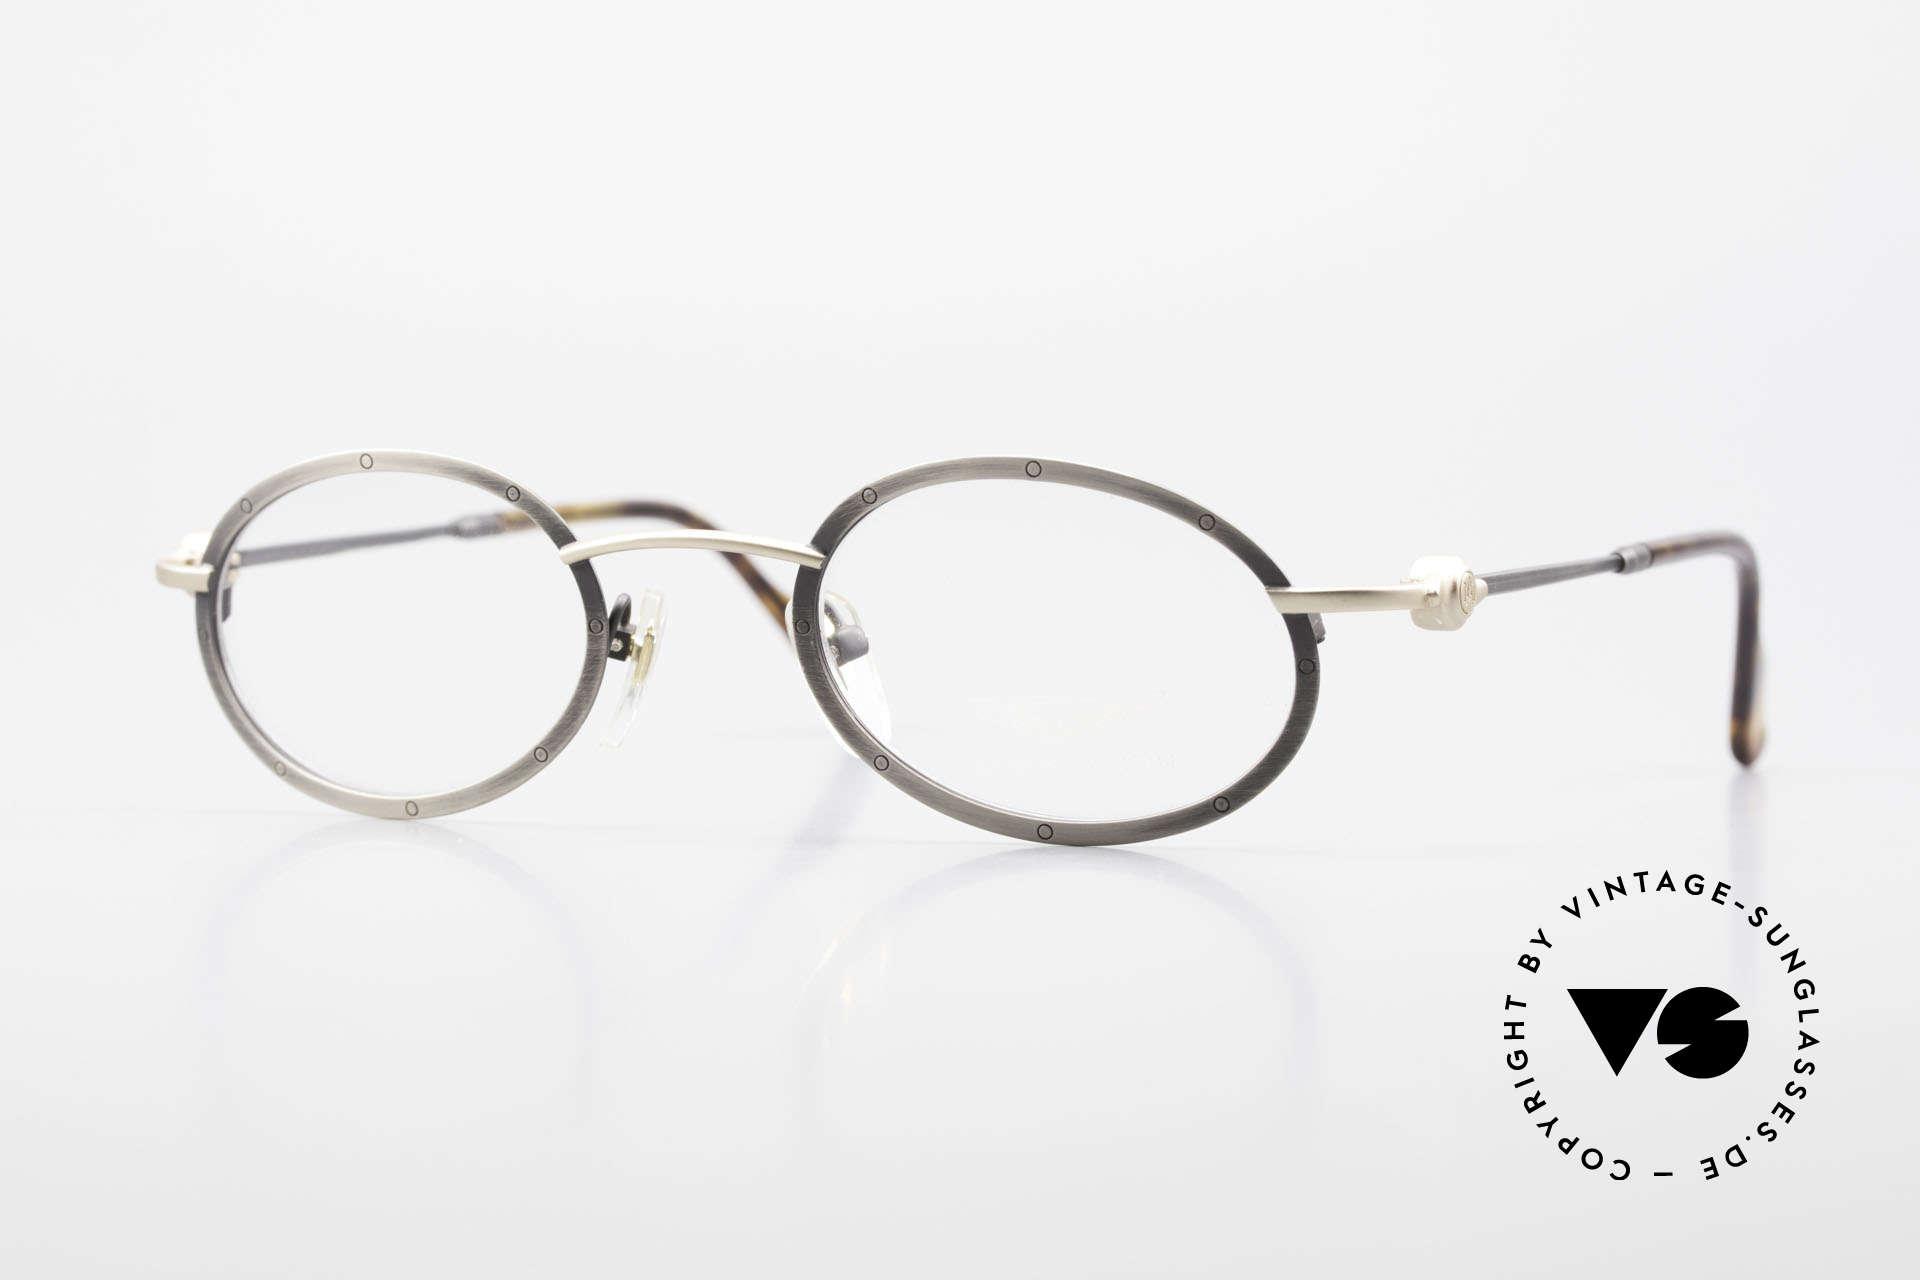 Aston Martin AM34 Oval Vintage Frame James Bond, Aston Martin vintage luxury designer eyeglasses, 47°23, Made for Men